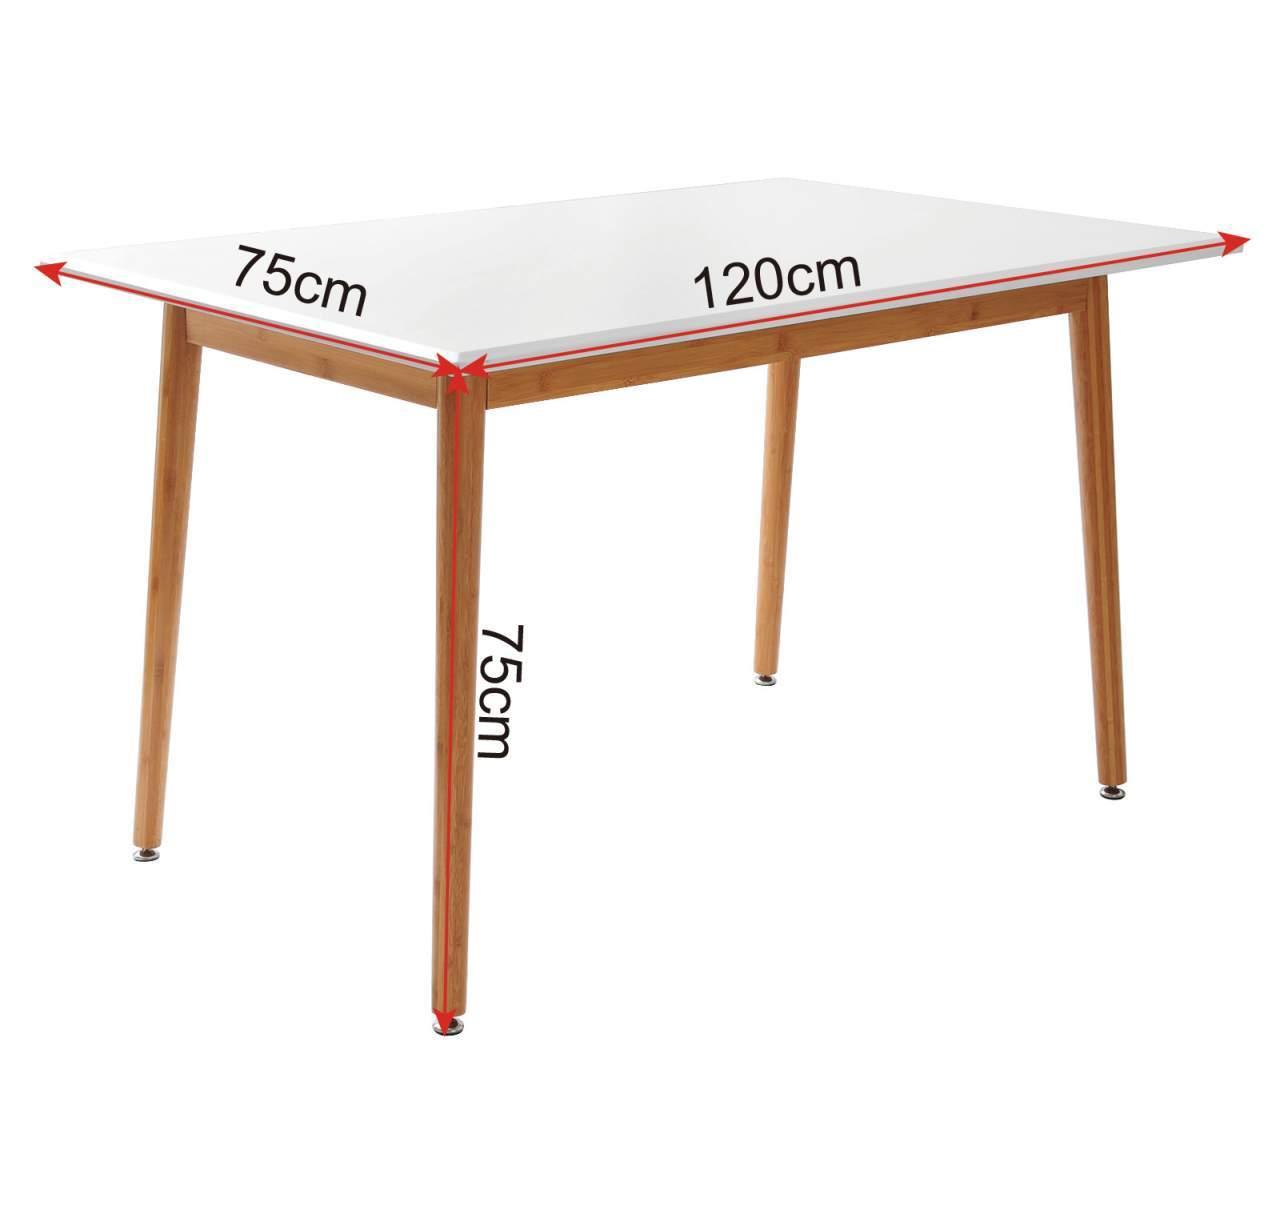 Esstisch Schreibtisch MDF Kuechentisch BT07ws BT07ws 5